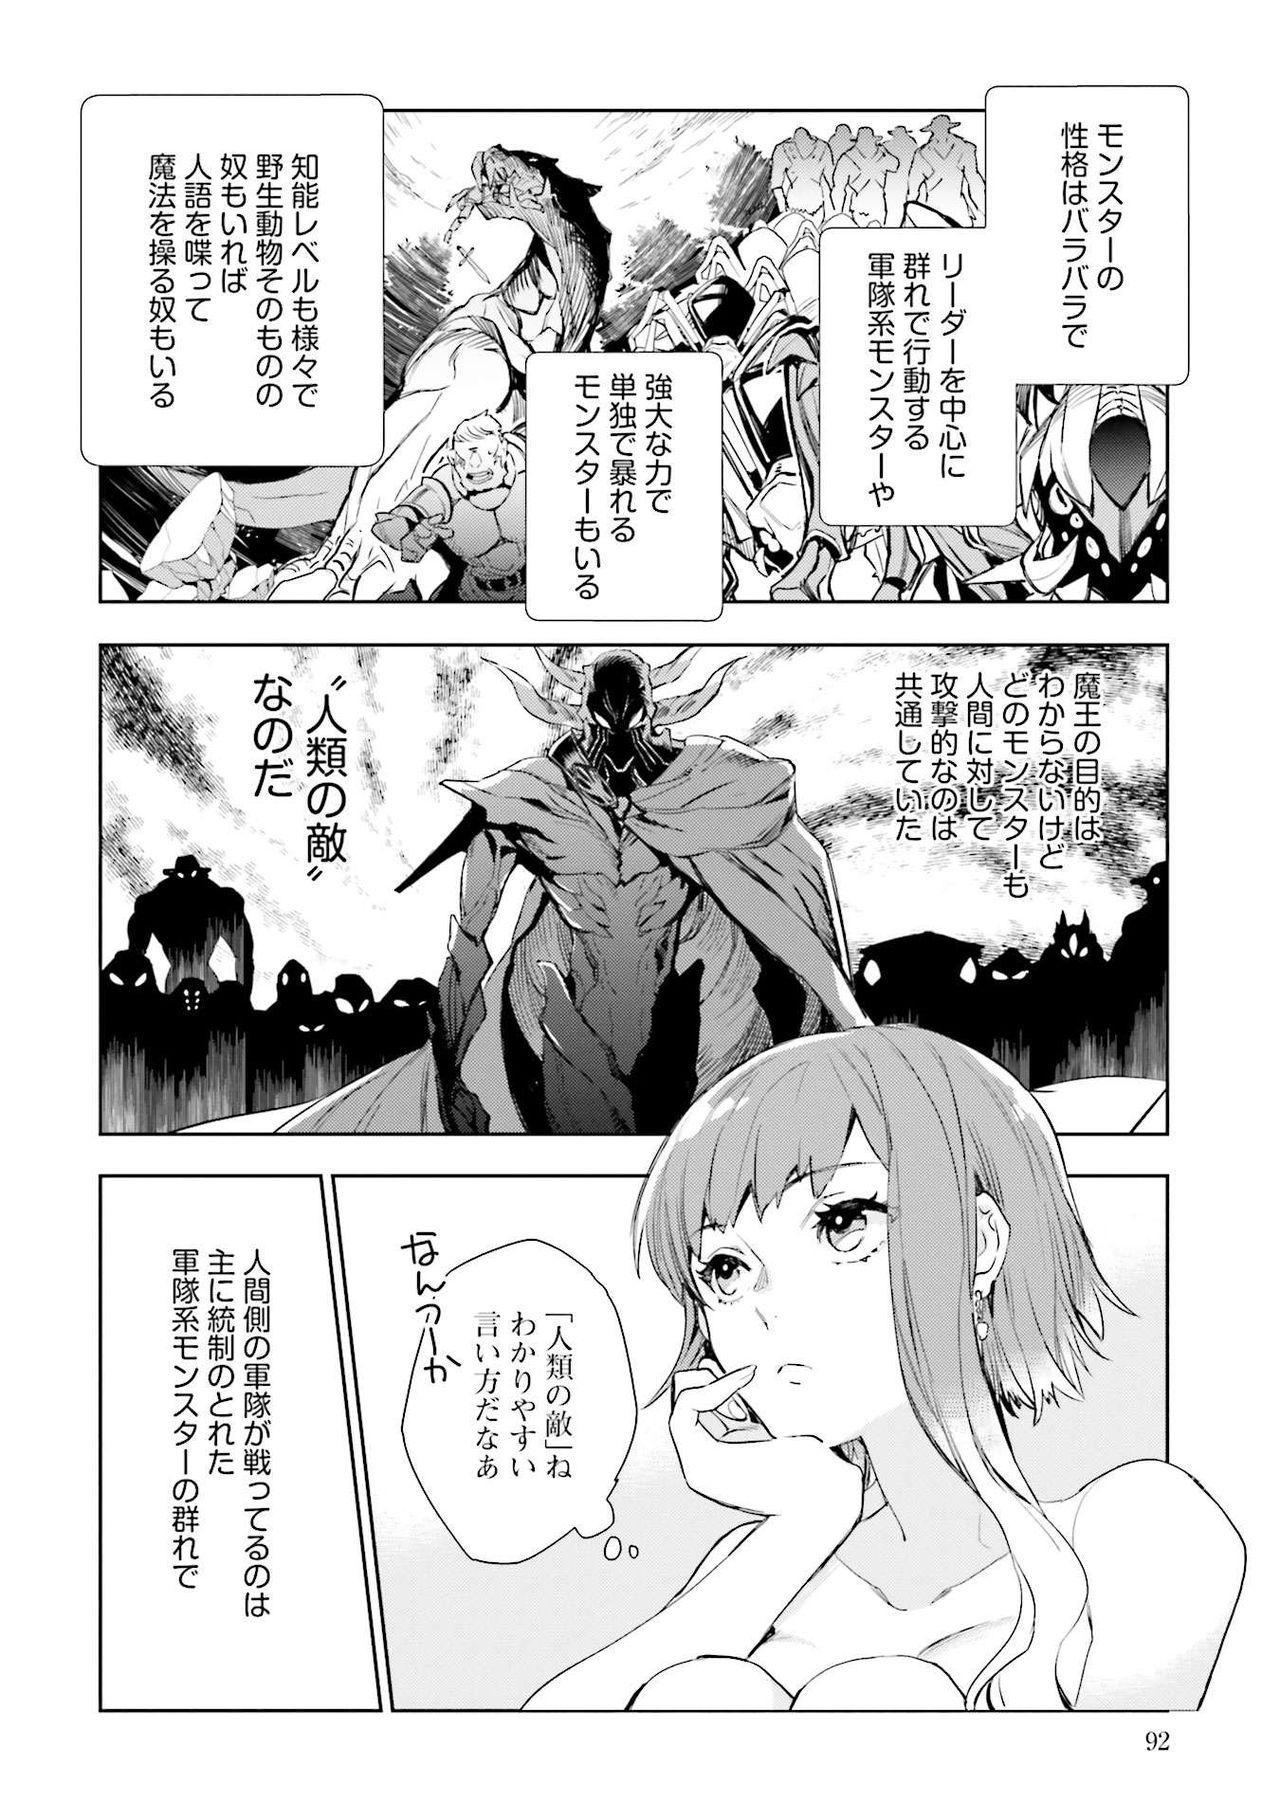 JK Haru wa Isekai de Shoufu ni Natta 1-14 93